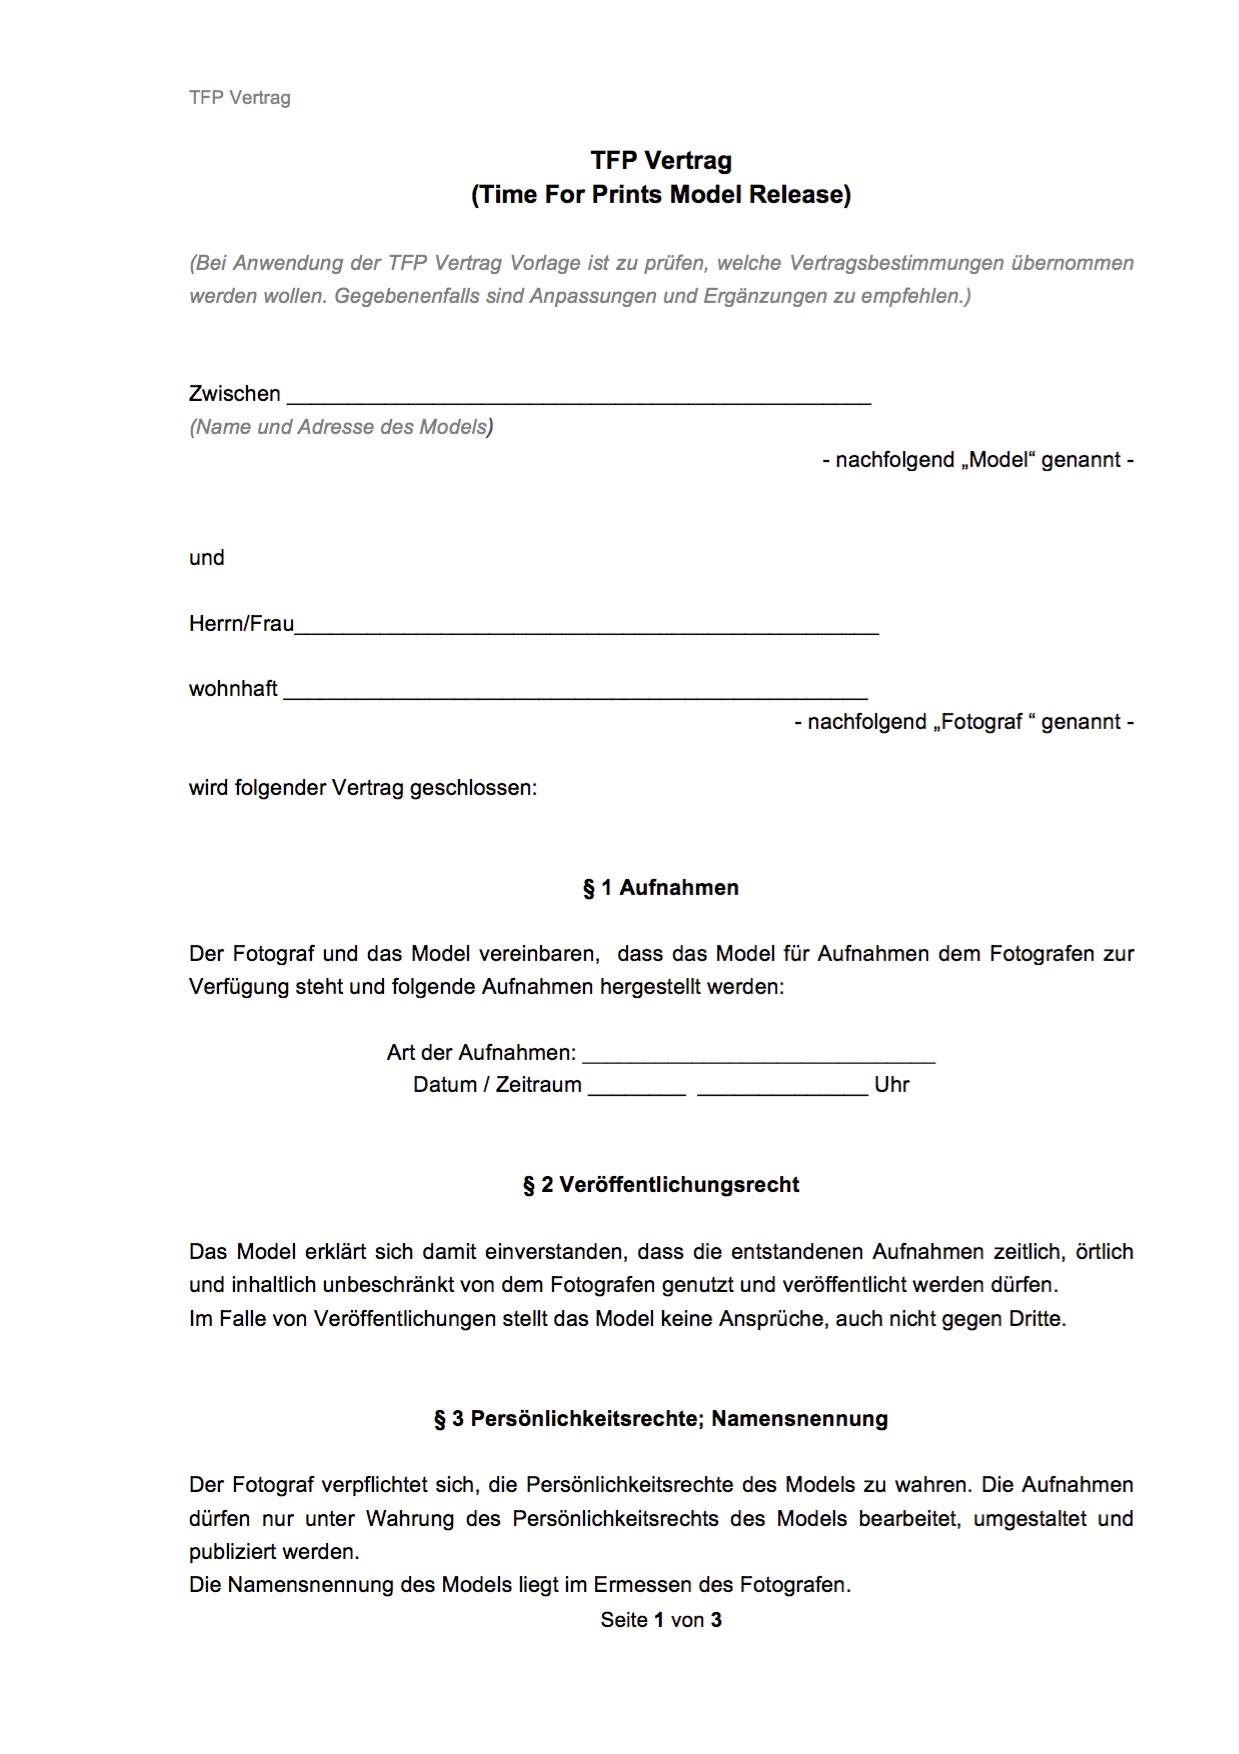 Atemberaubend Einfache Zahlungsvereinbarung Vorlage Bilder - Bilder ...